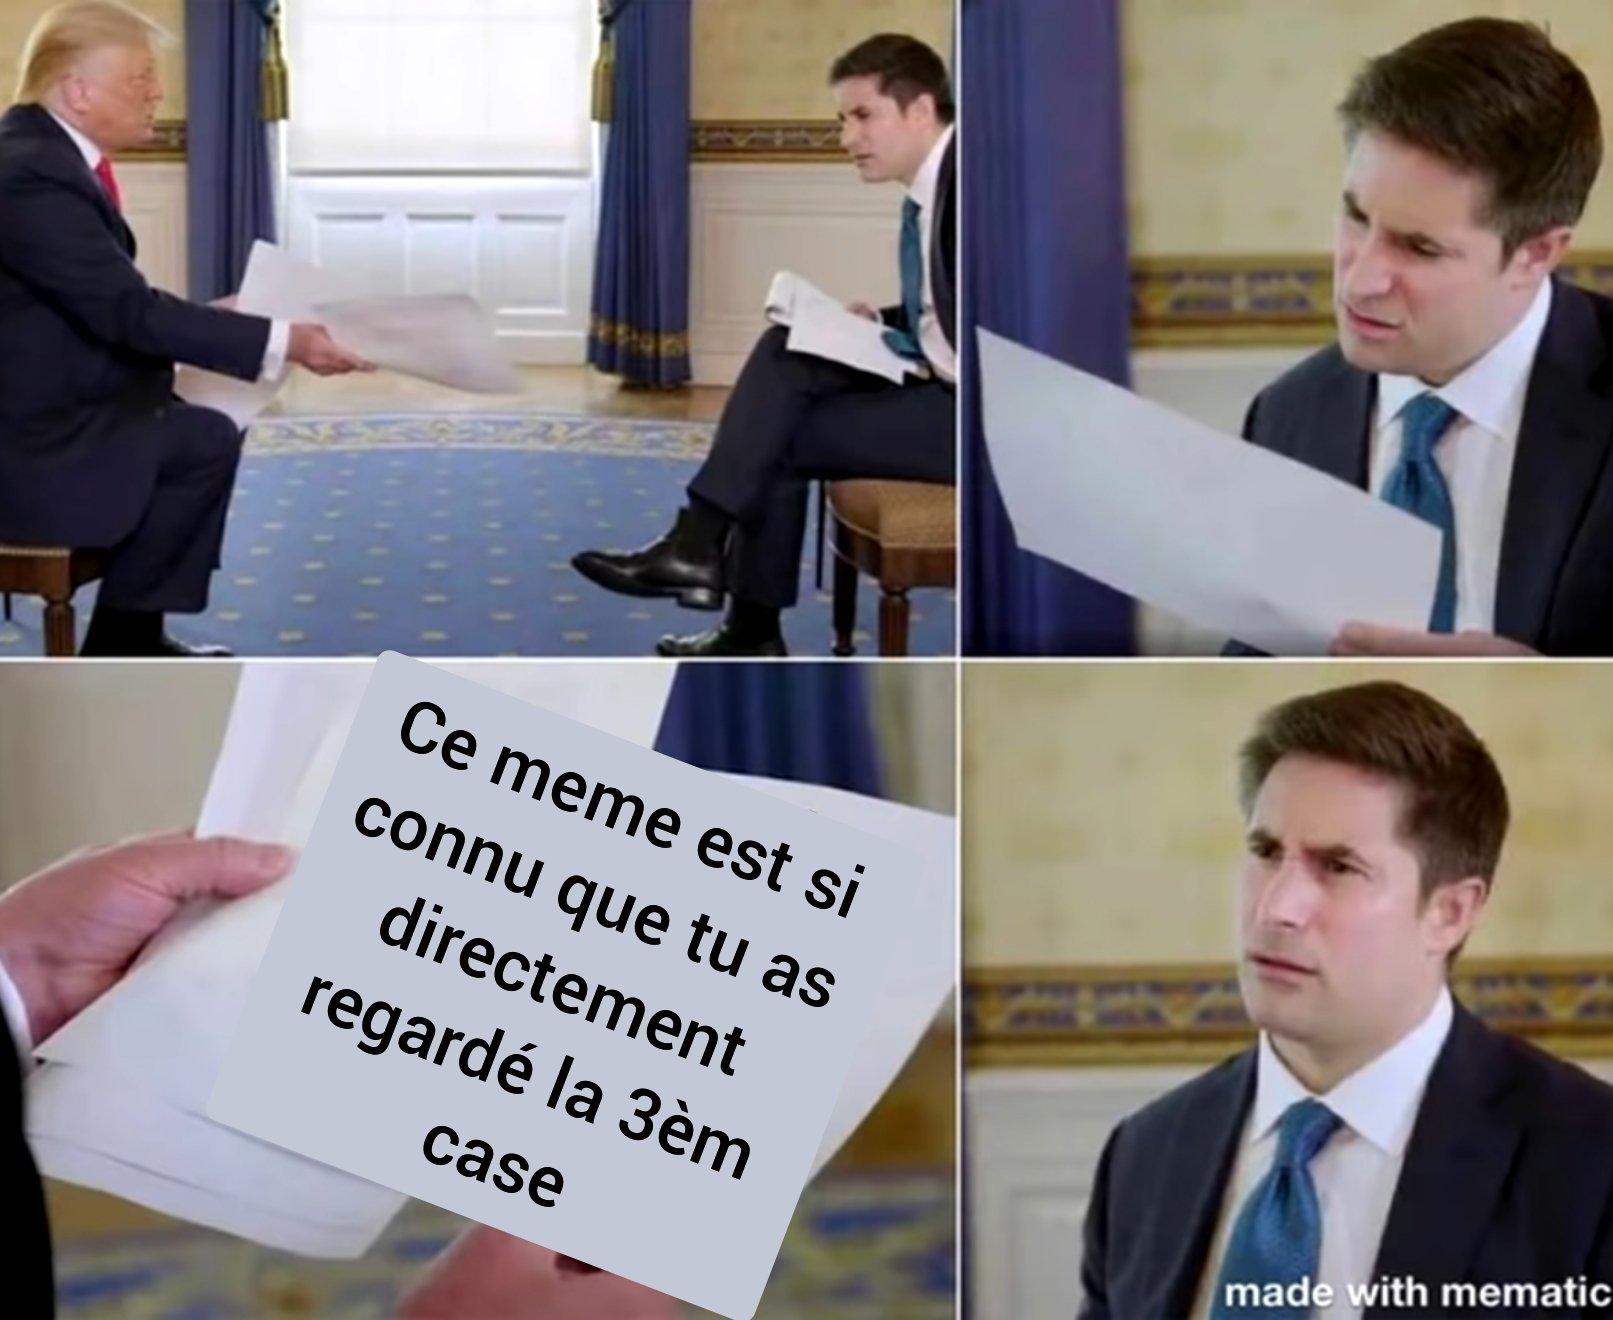 Fresh juicy meme (Ce template n'a pas beaucoup été vu sur Mmd donc peu cohérent par rapport à nous deso)